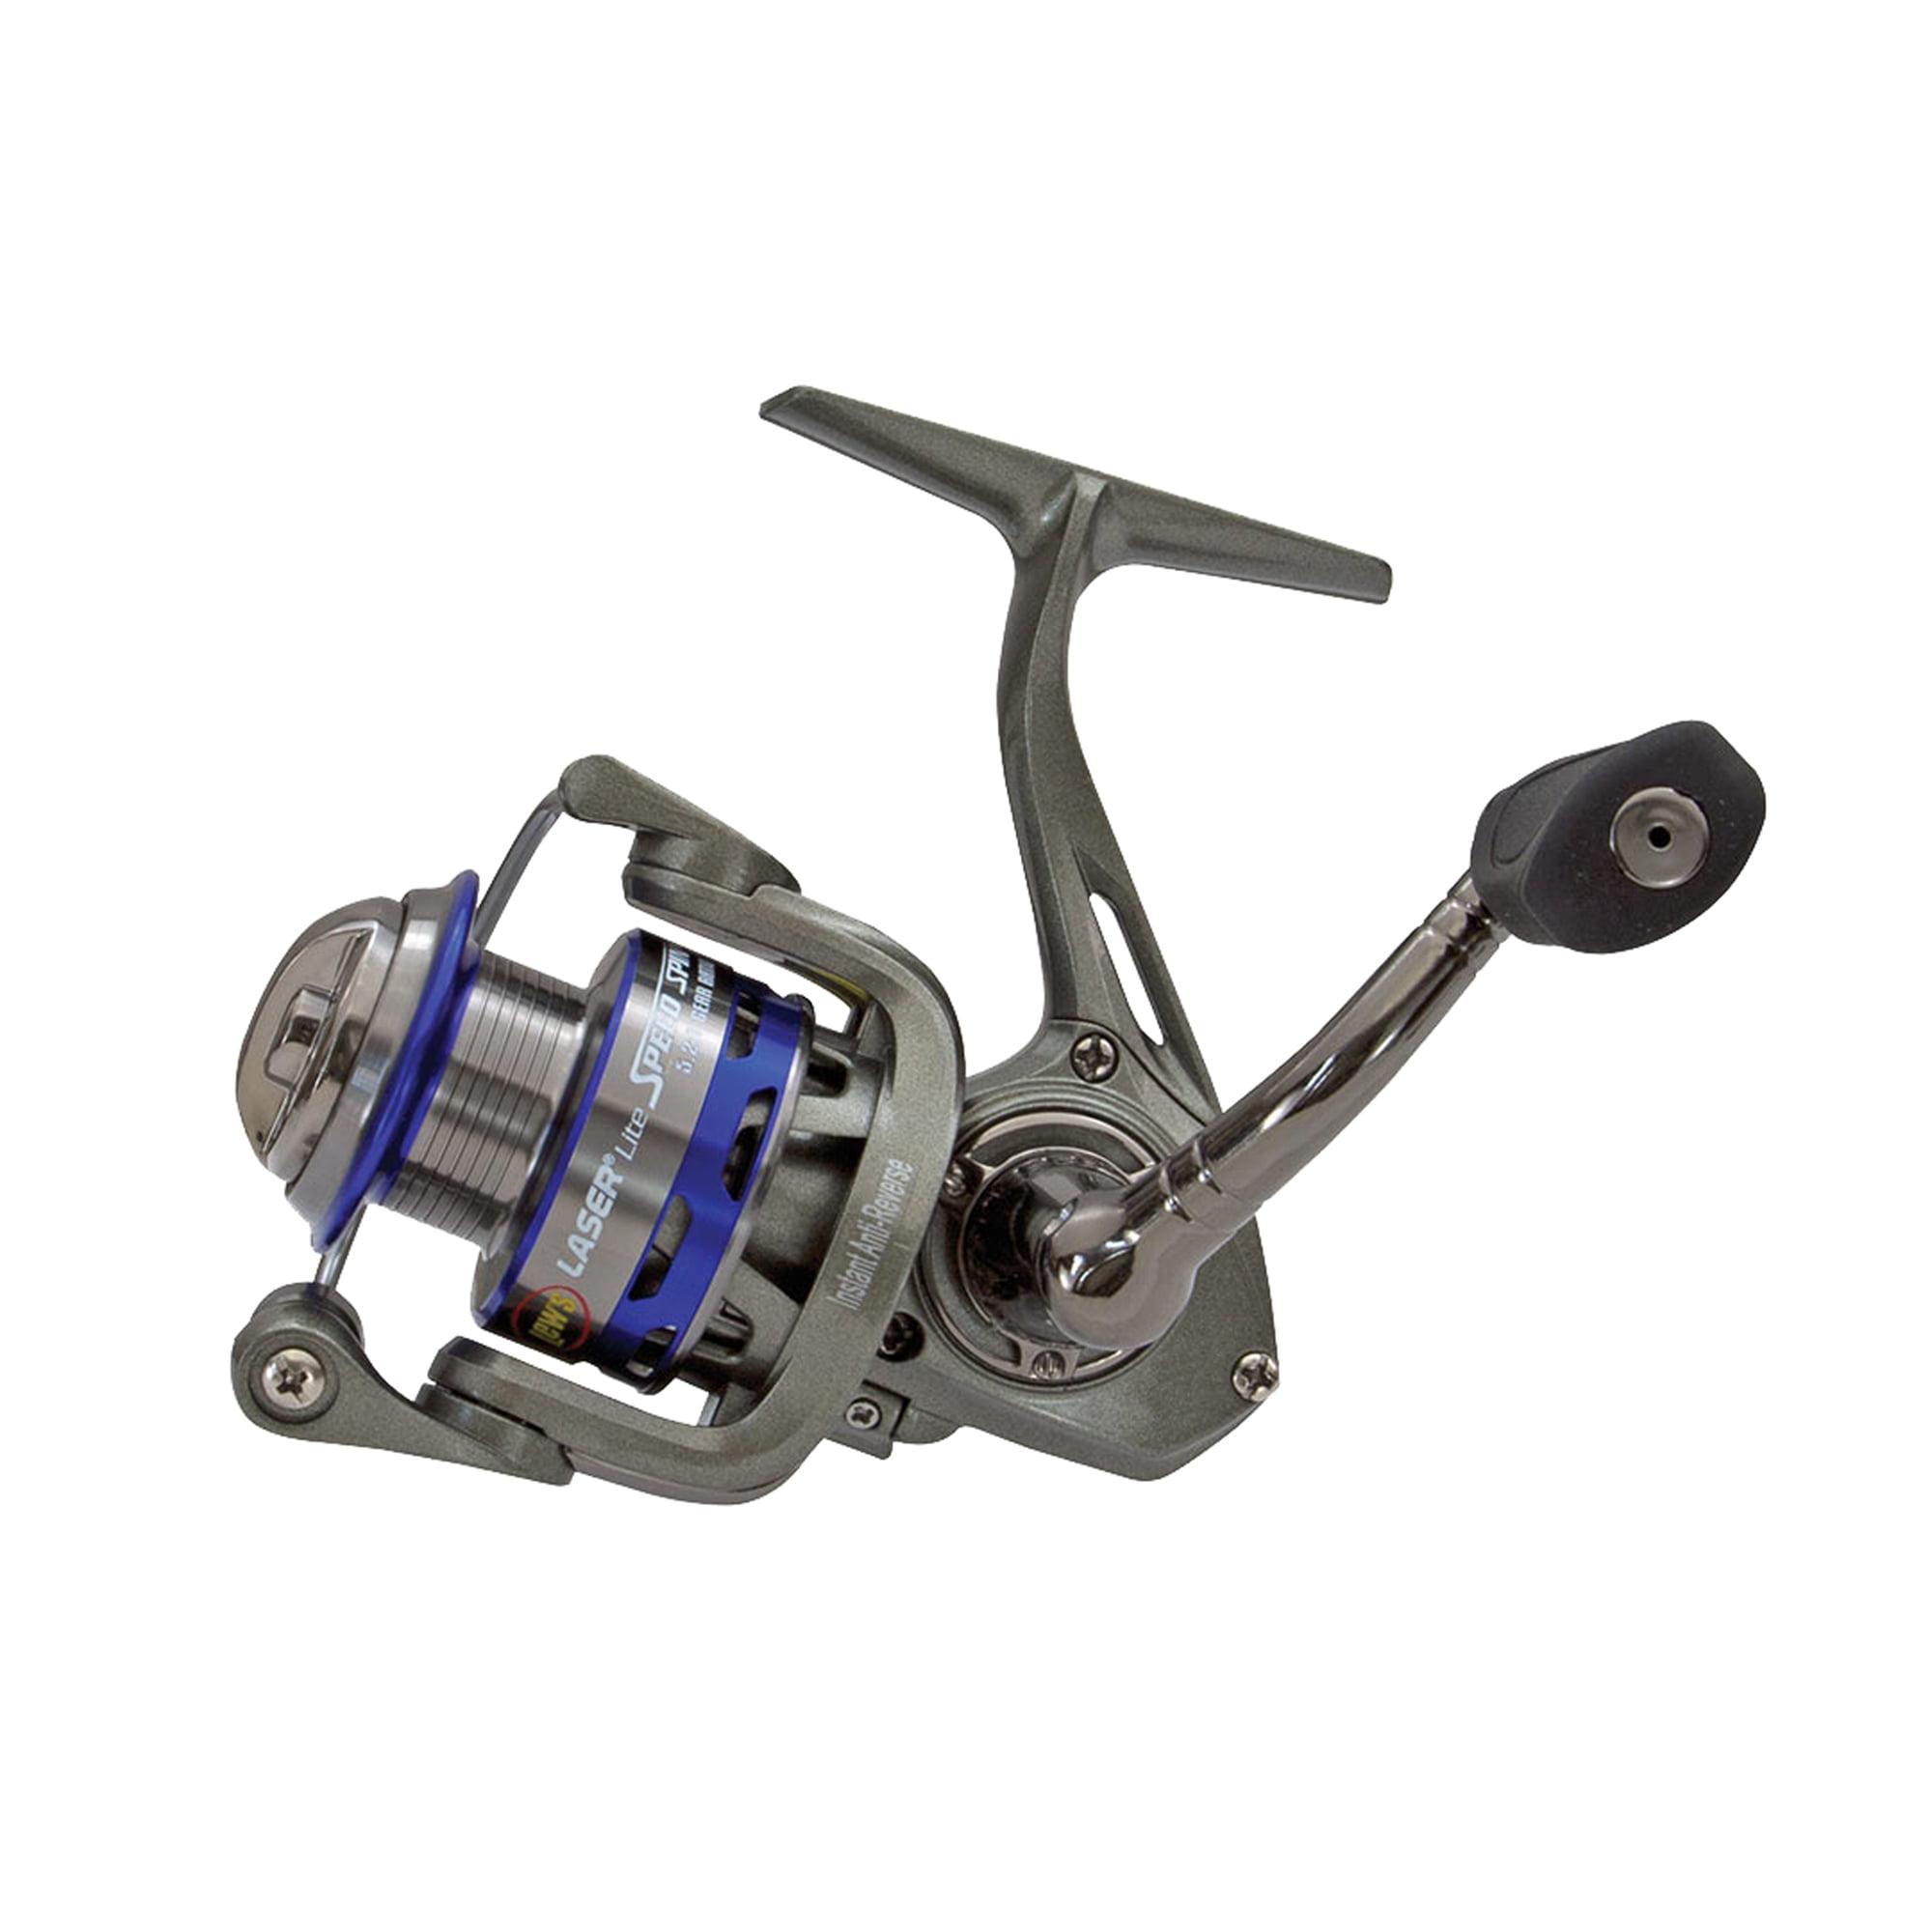 Lews Fishing LaserLite Speed Spin Reel LLS100, Boxed by Lews Fishing